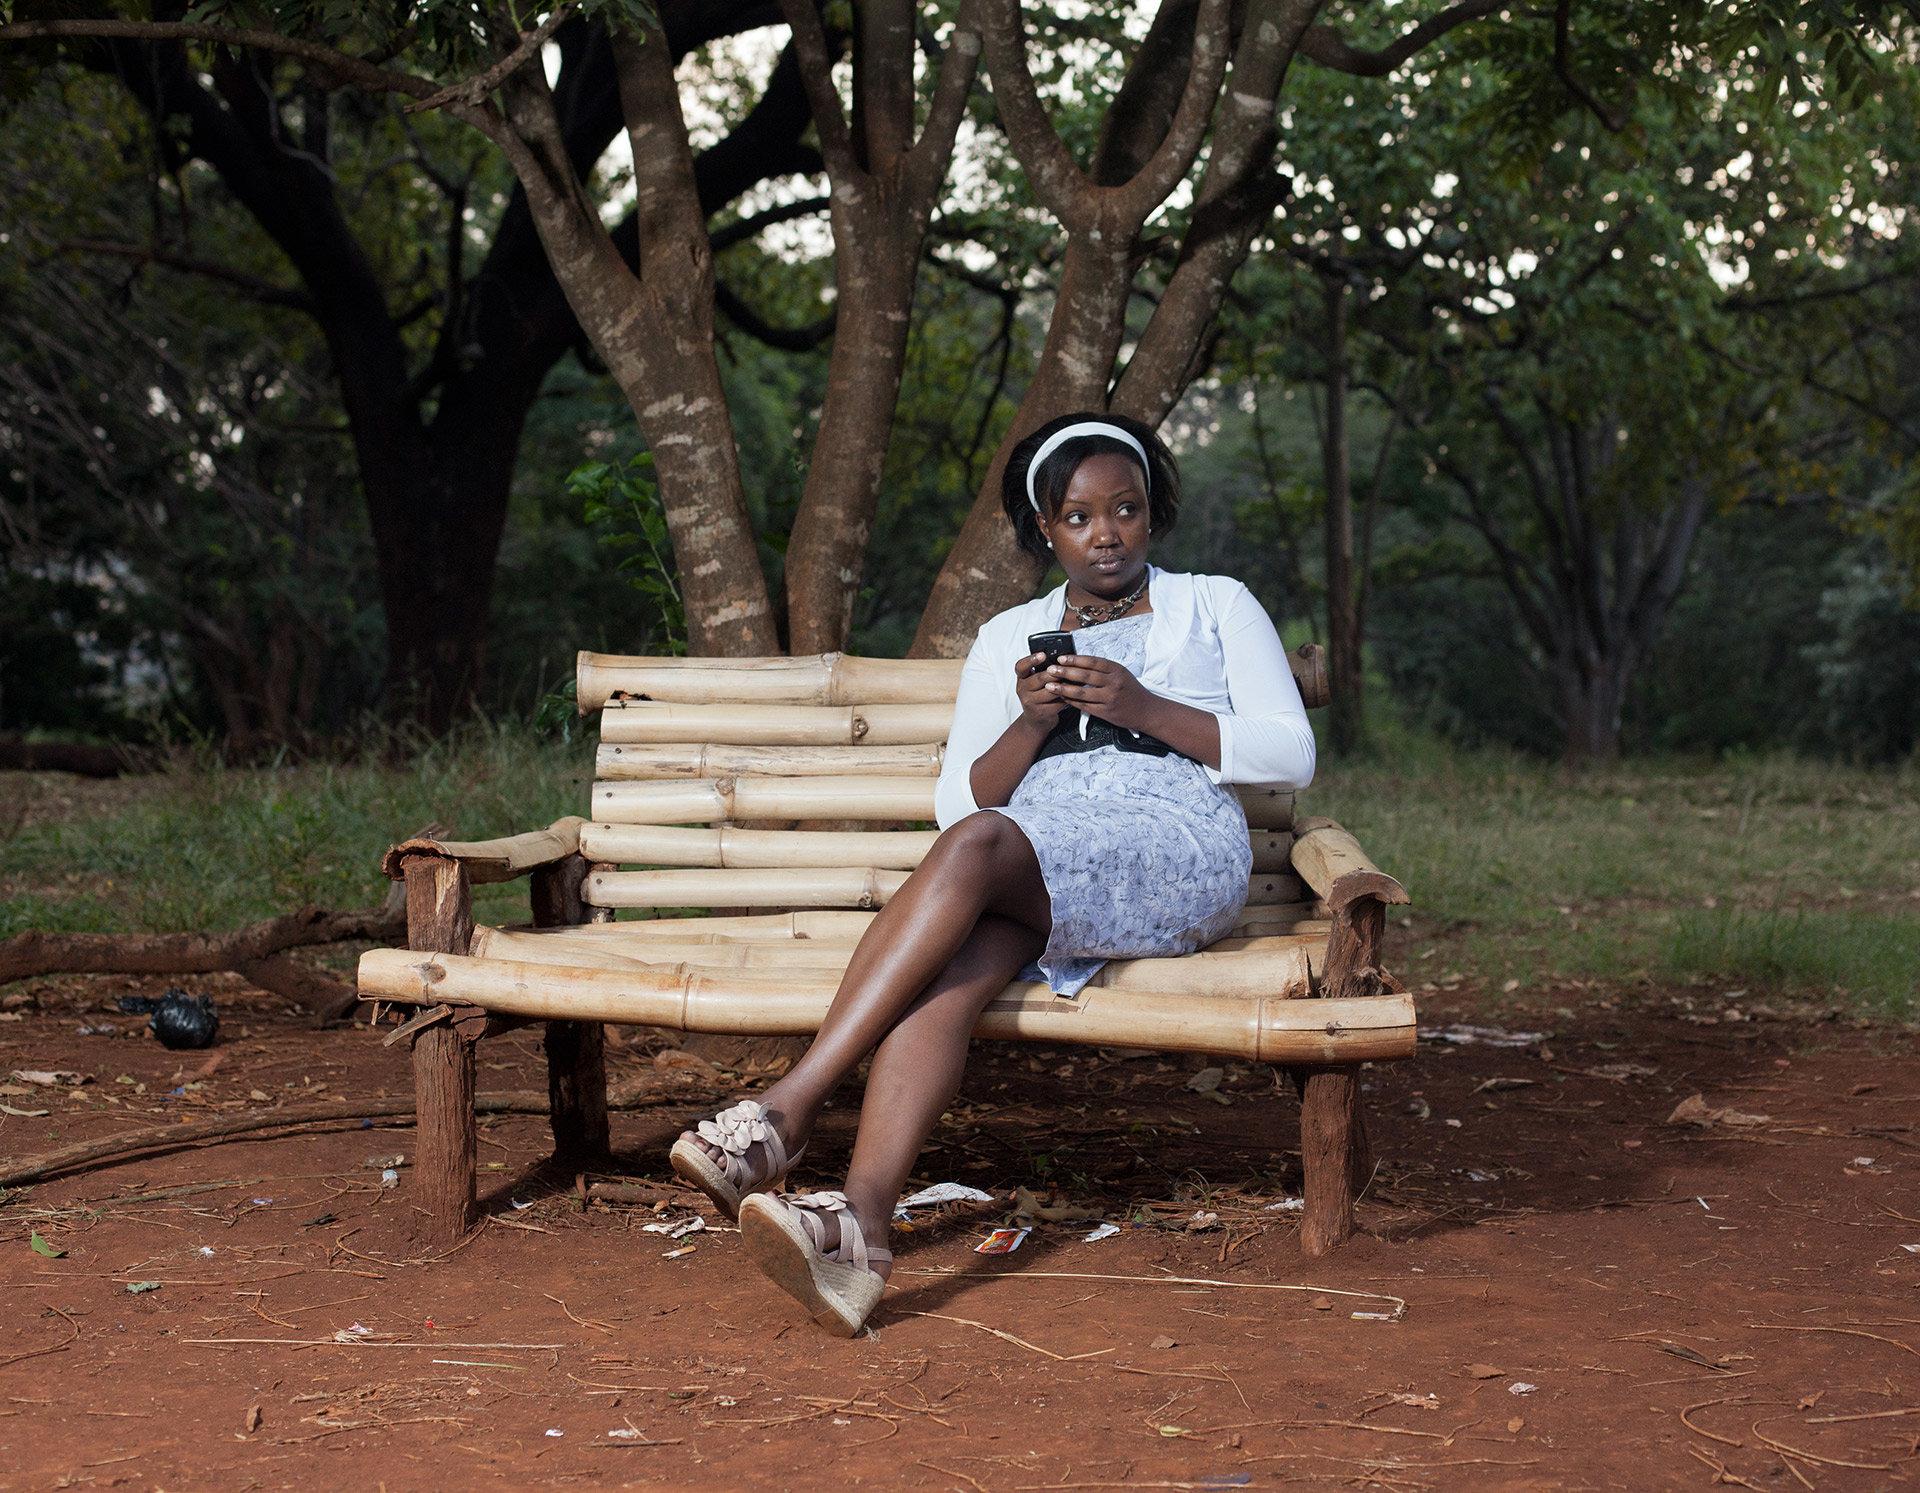 Faith ist Anwältin. In ihrer Freizeit verbringt sie viel Zeit in diesem Park.